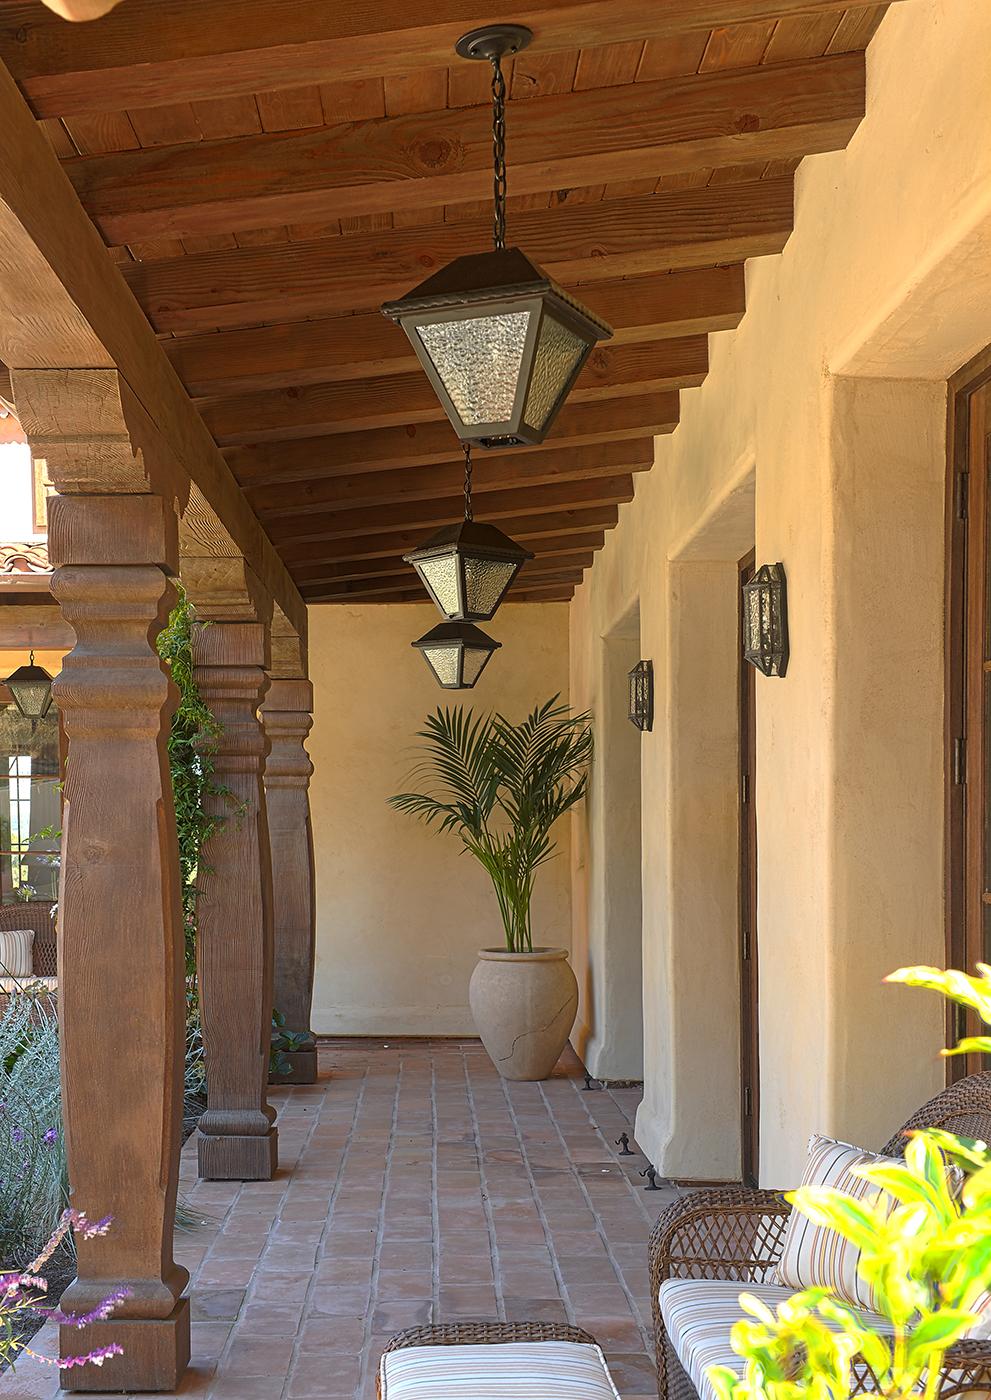 Lovett Residence 9 - Entry Loggia.jpg